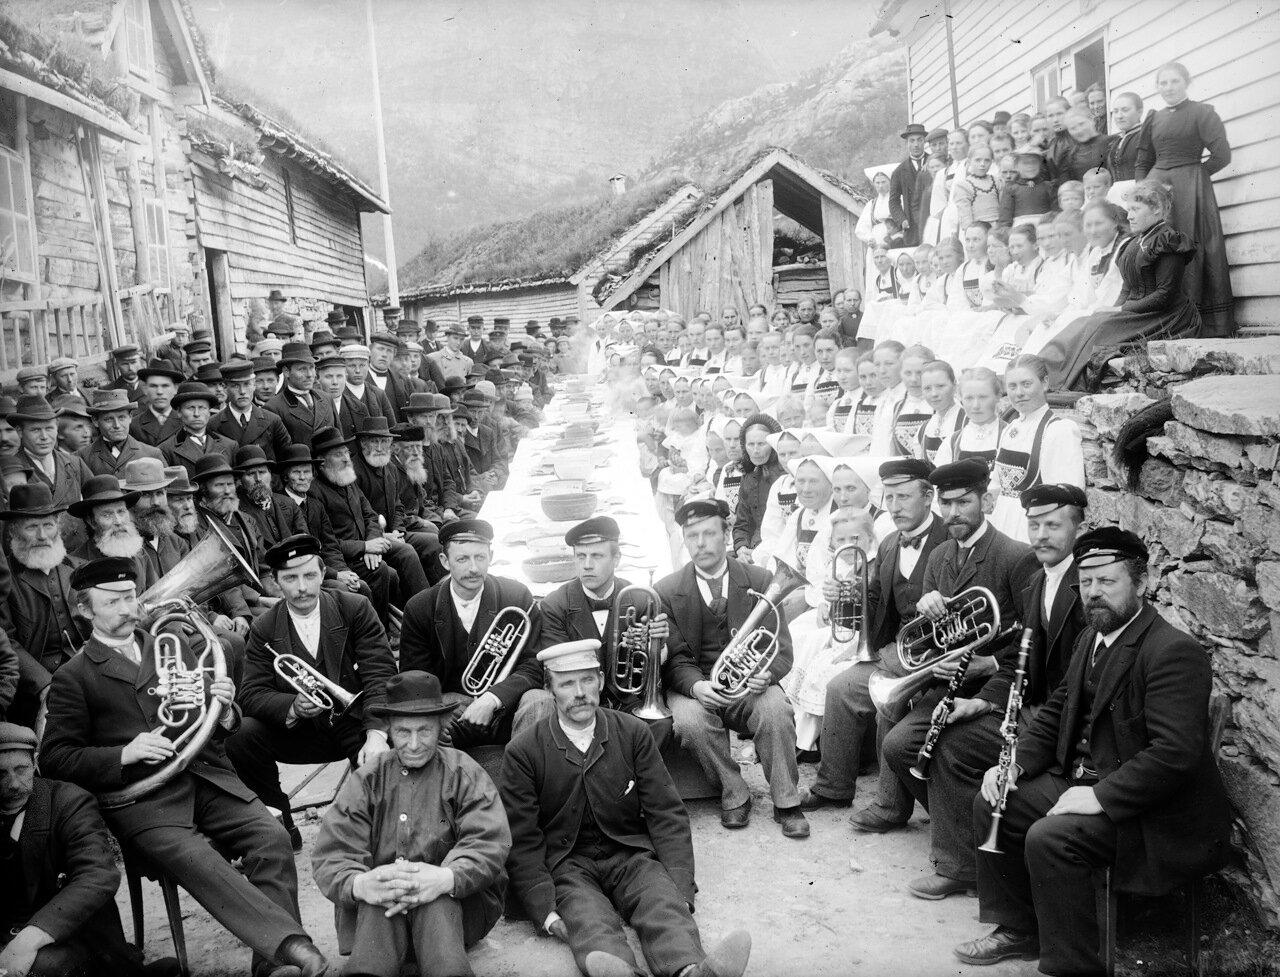 Торжества по случаю строительства новой дороги. Эксингедален,. 1898 г.